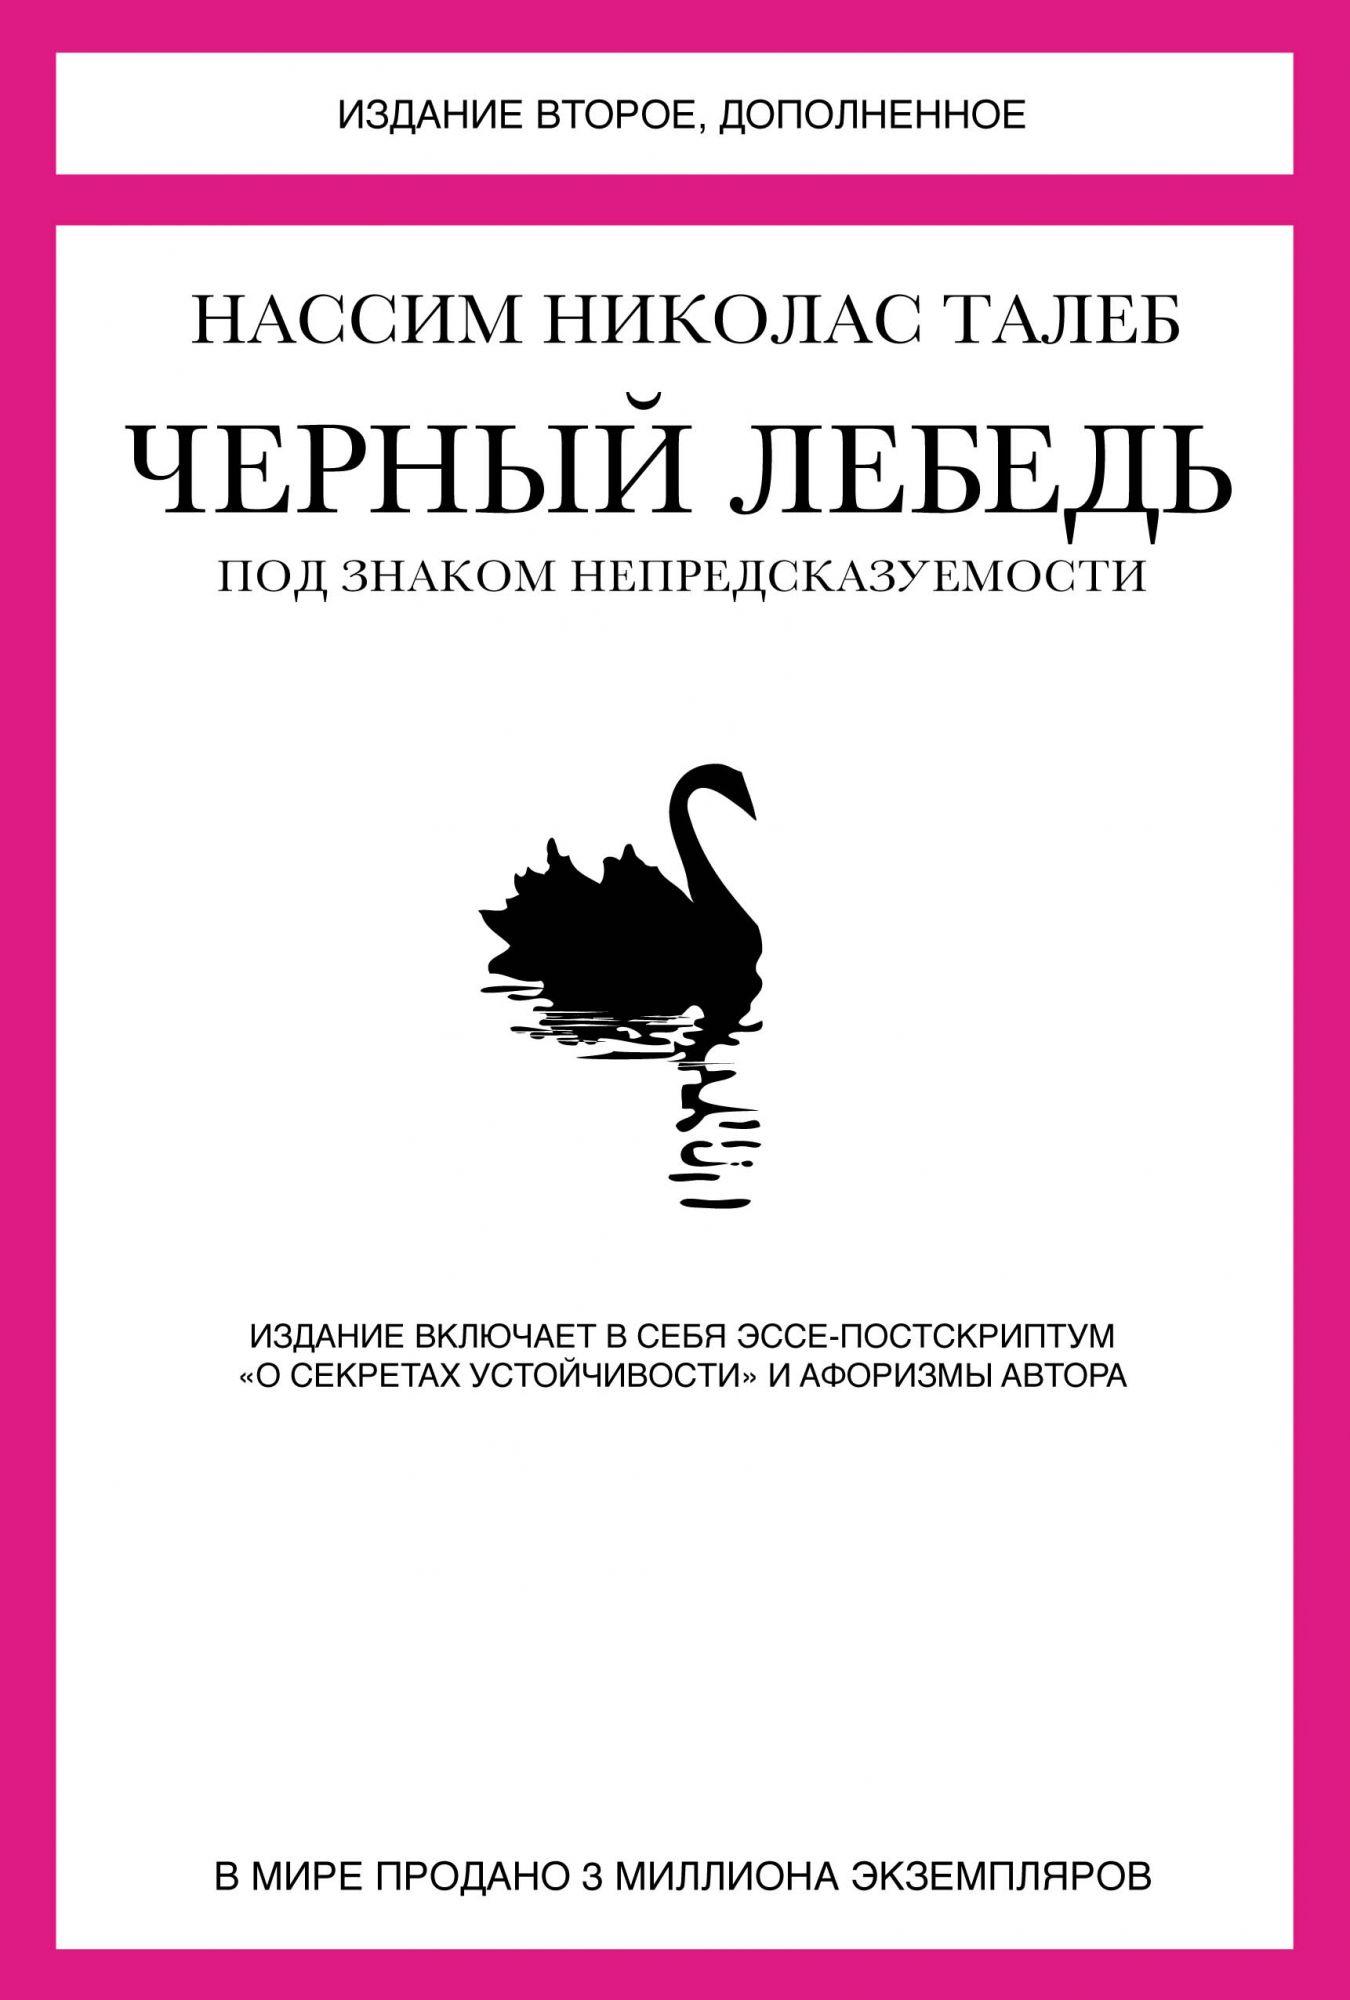 Книга Черный лебедь. Под знаком непредсказуемости